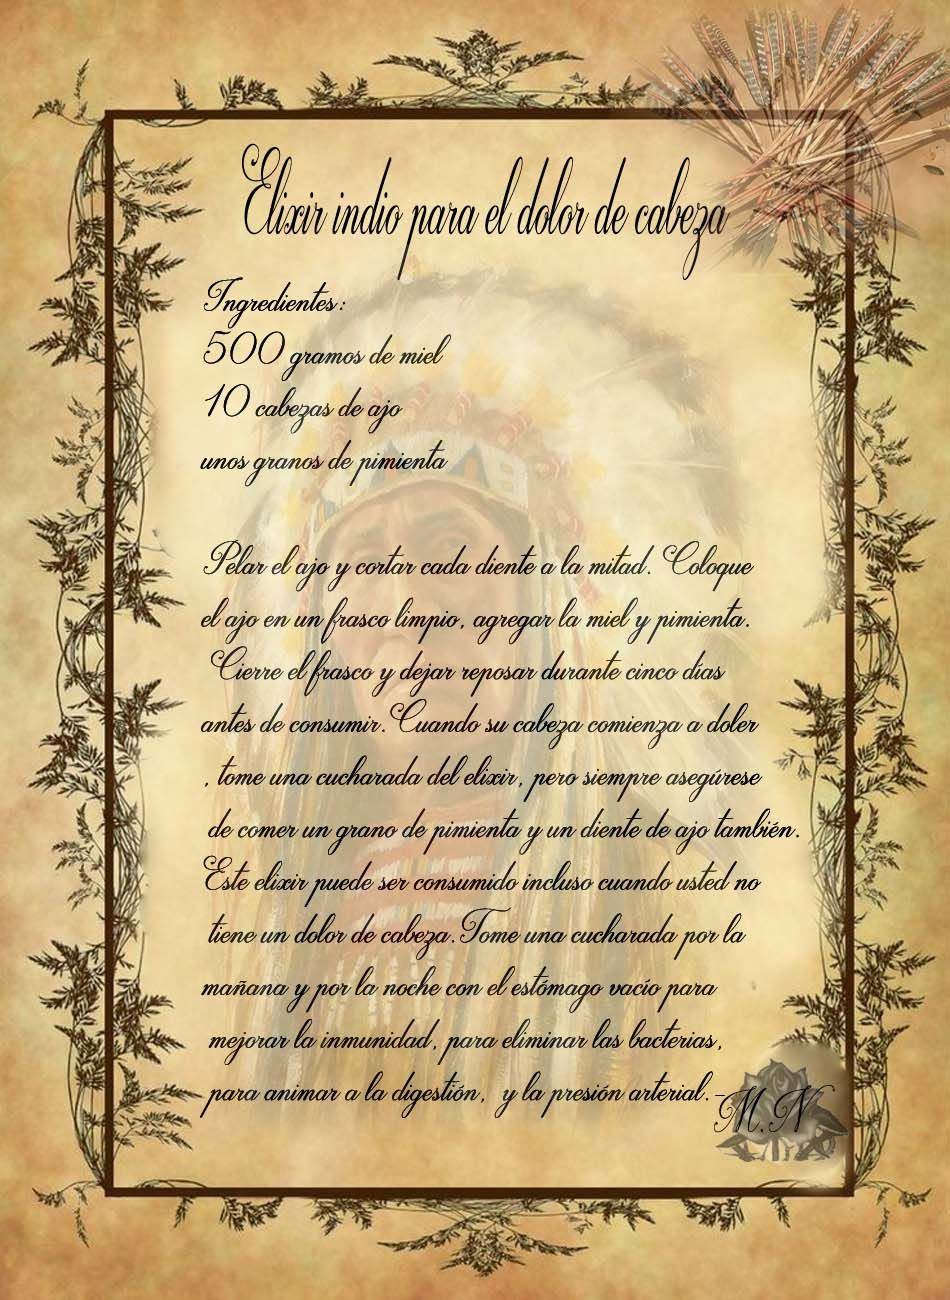 Trastos de Bruja: Elixir Indio … | Recetas wicca, Hechizos